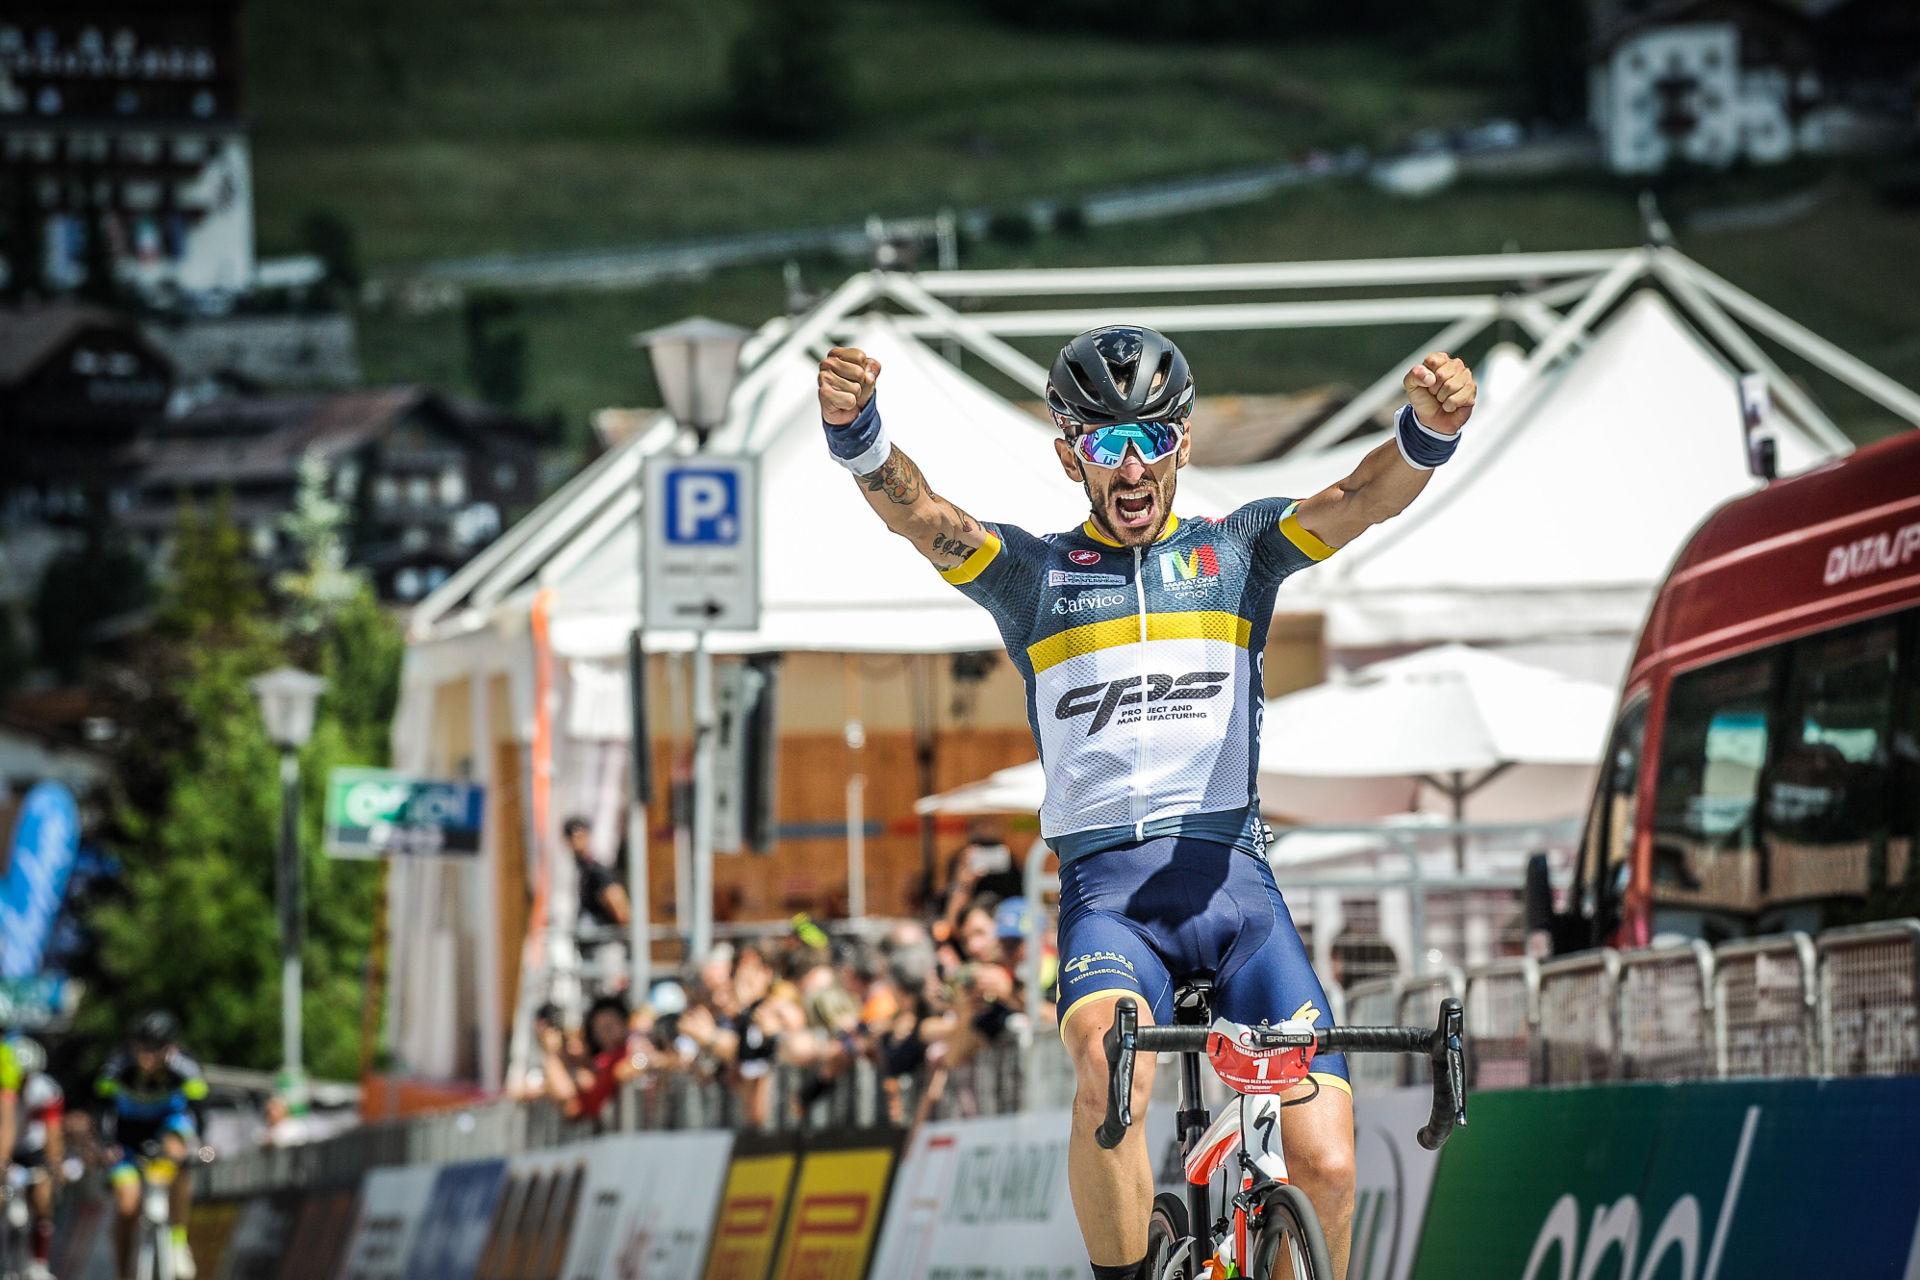 2018 Maratona Dles Dolomites